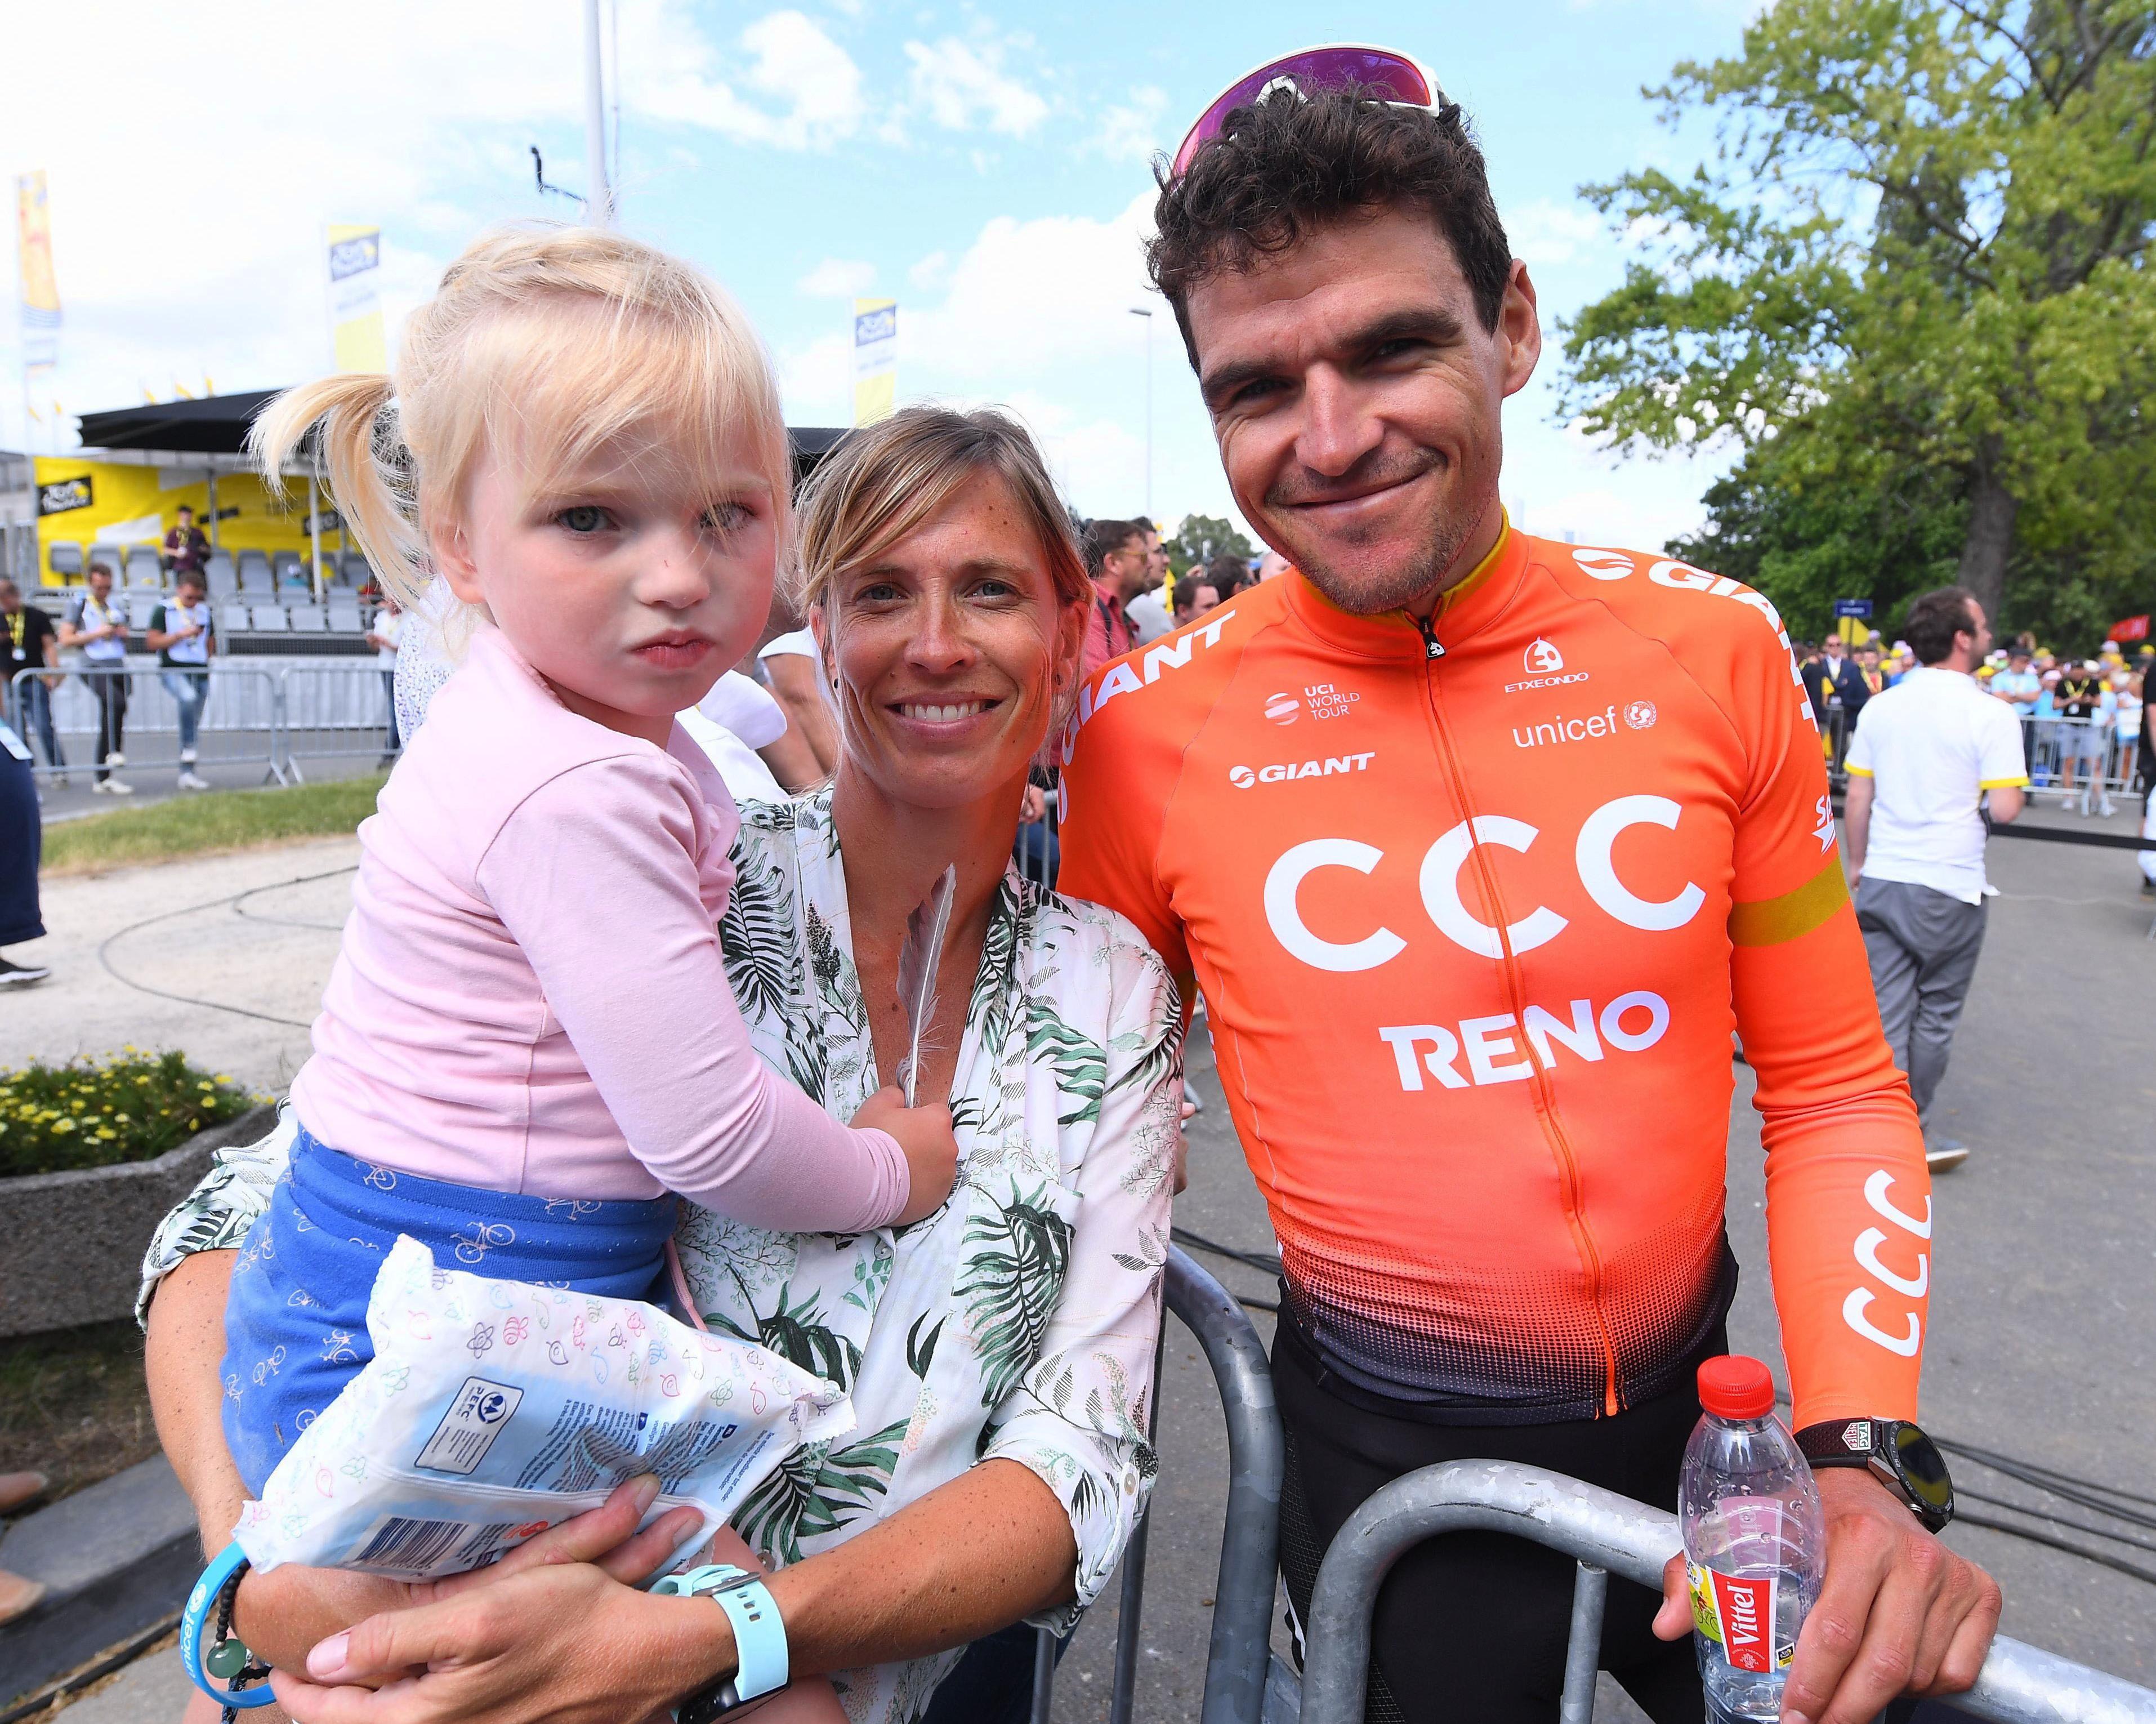 Cyclisme - Tour des Flandres virtuel : Van Avermaet s'impose depuis... son grenier